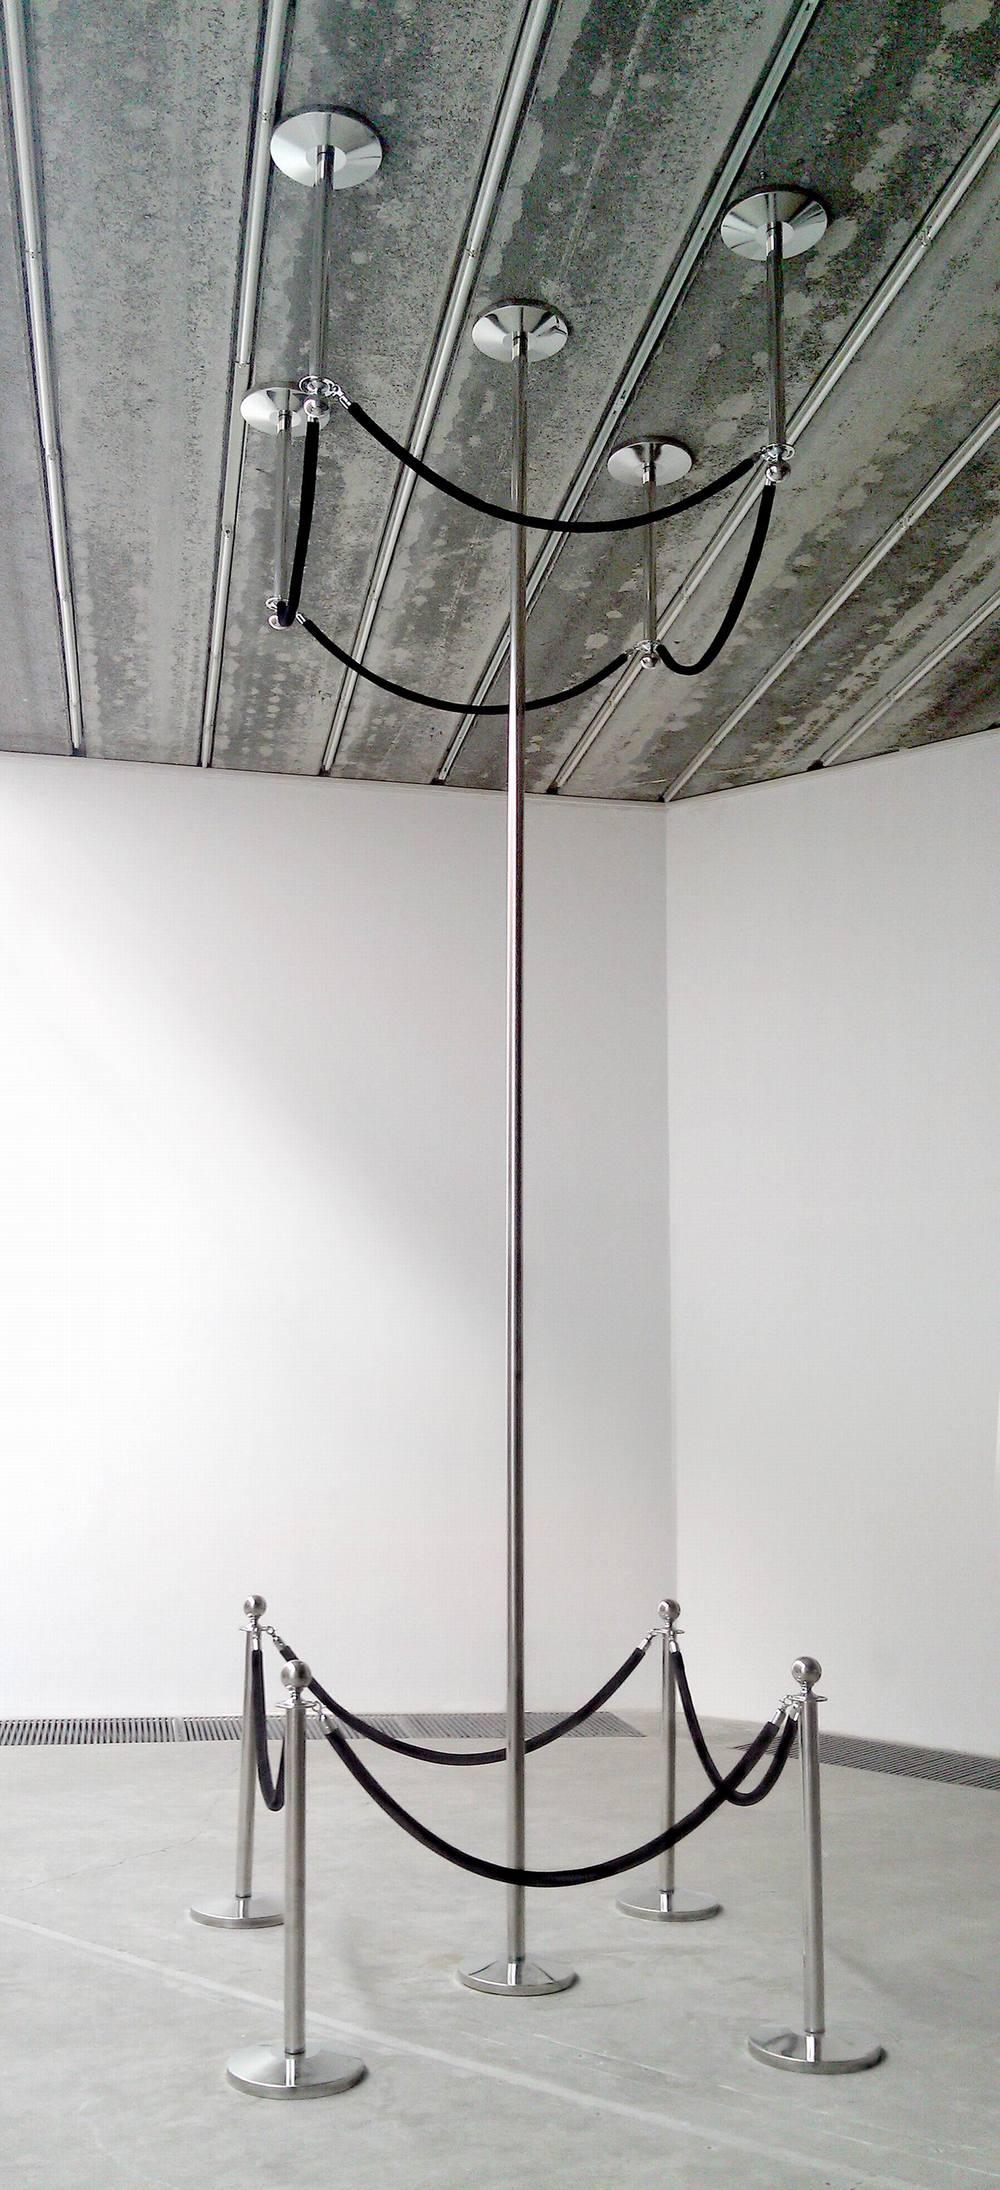 Gao Lei 高磊, G-72, 2011, Stainless steel and velvet 不锈钢、丝绒布, 580 x 170 x 170 cm